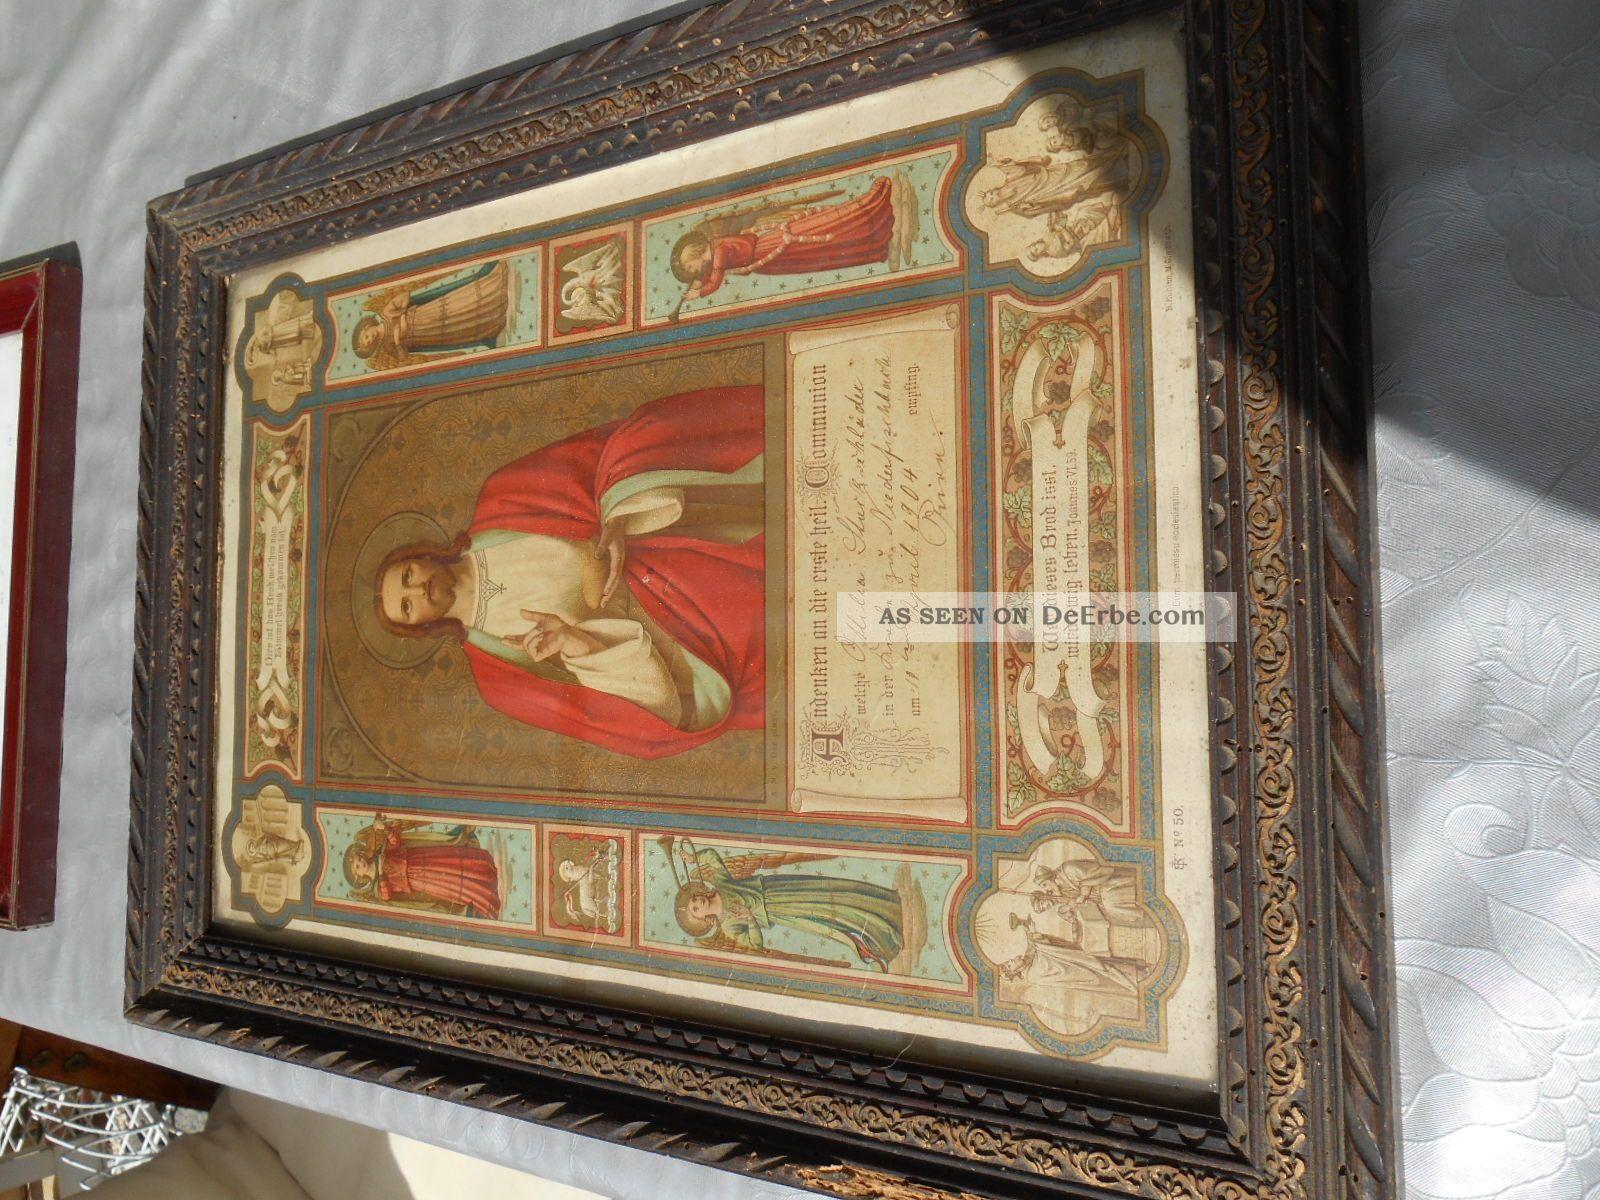 Mobiliar & Interieur - Spiegel & Rahmen - Rahmen - Antiquitäten